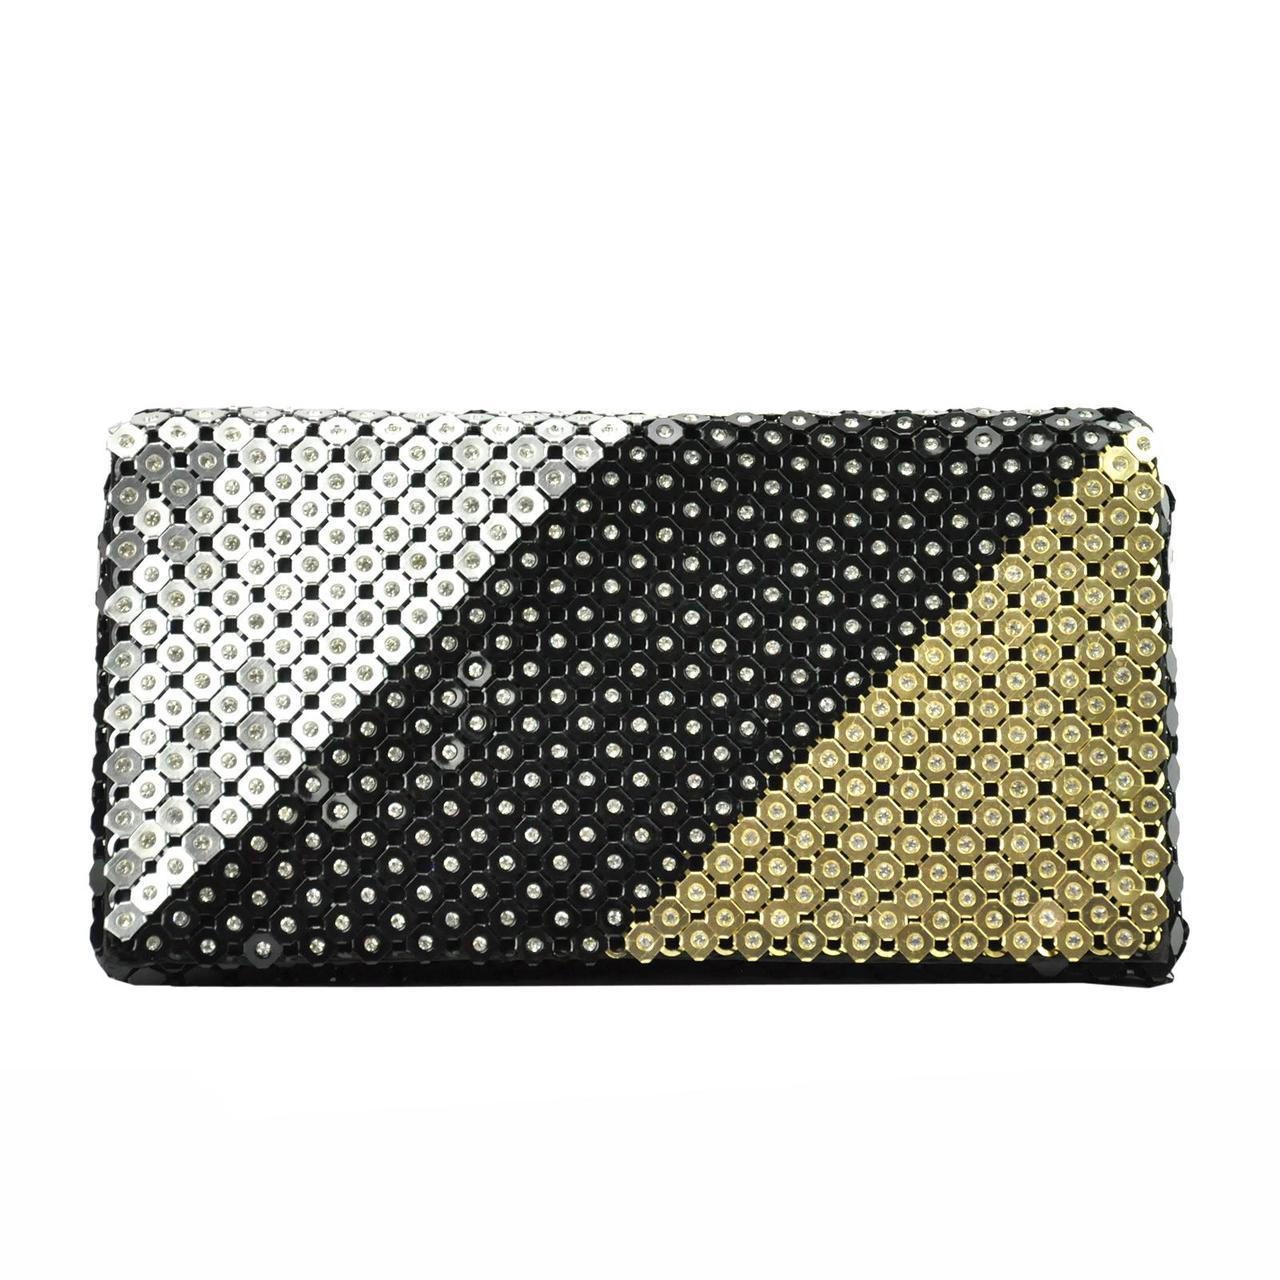 Женская сумка из экокожи Jessica 333-1 Черный